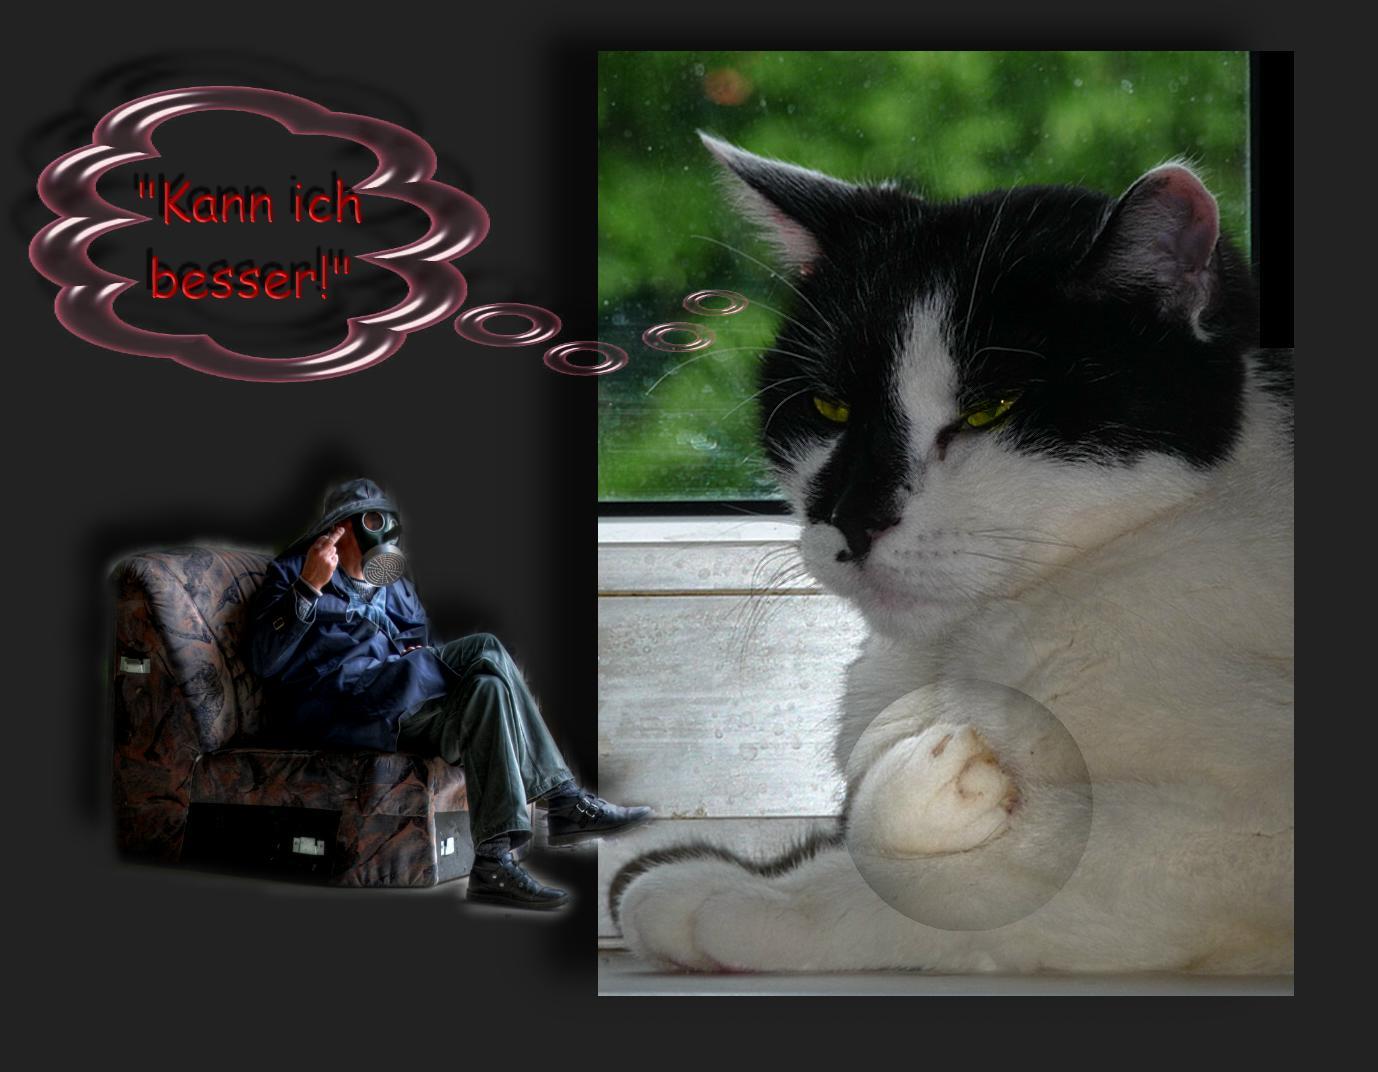 Ramses erklärt sich die Welt LXXXIV: Ich kanns mit Kralle!